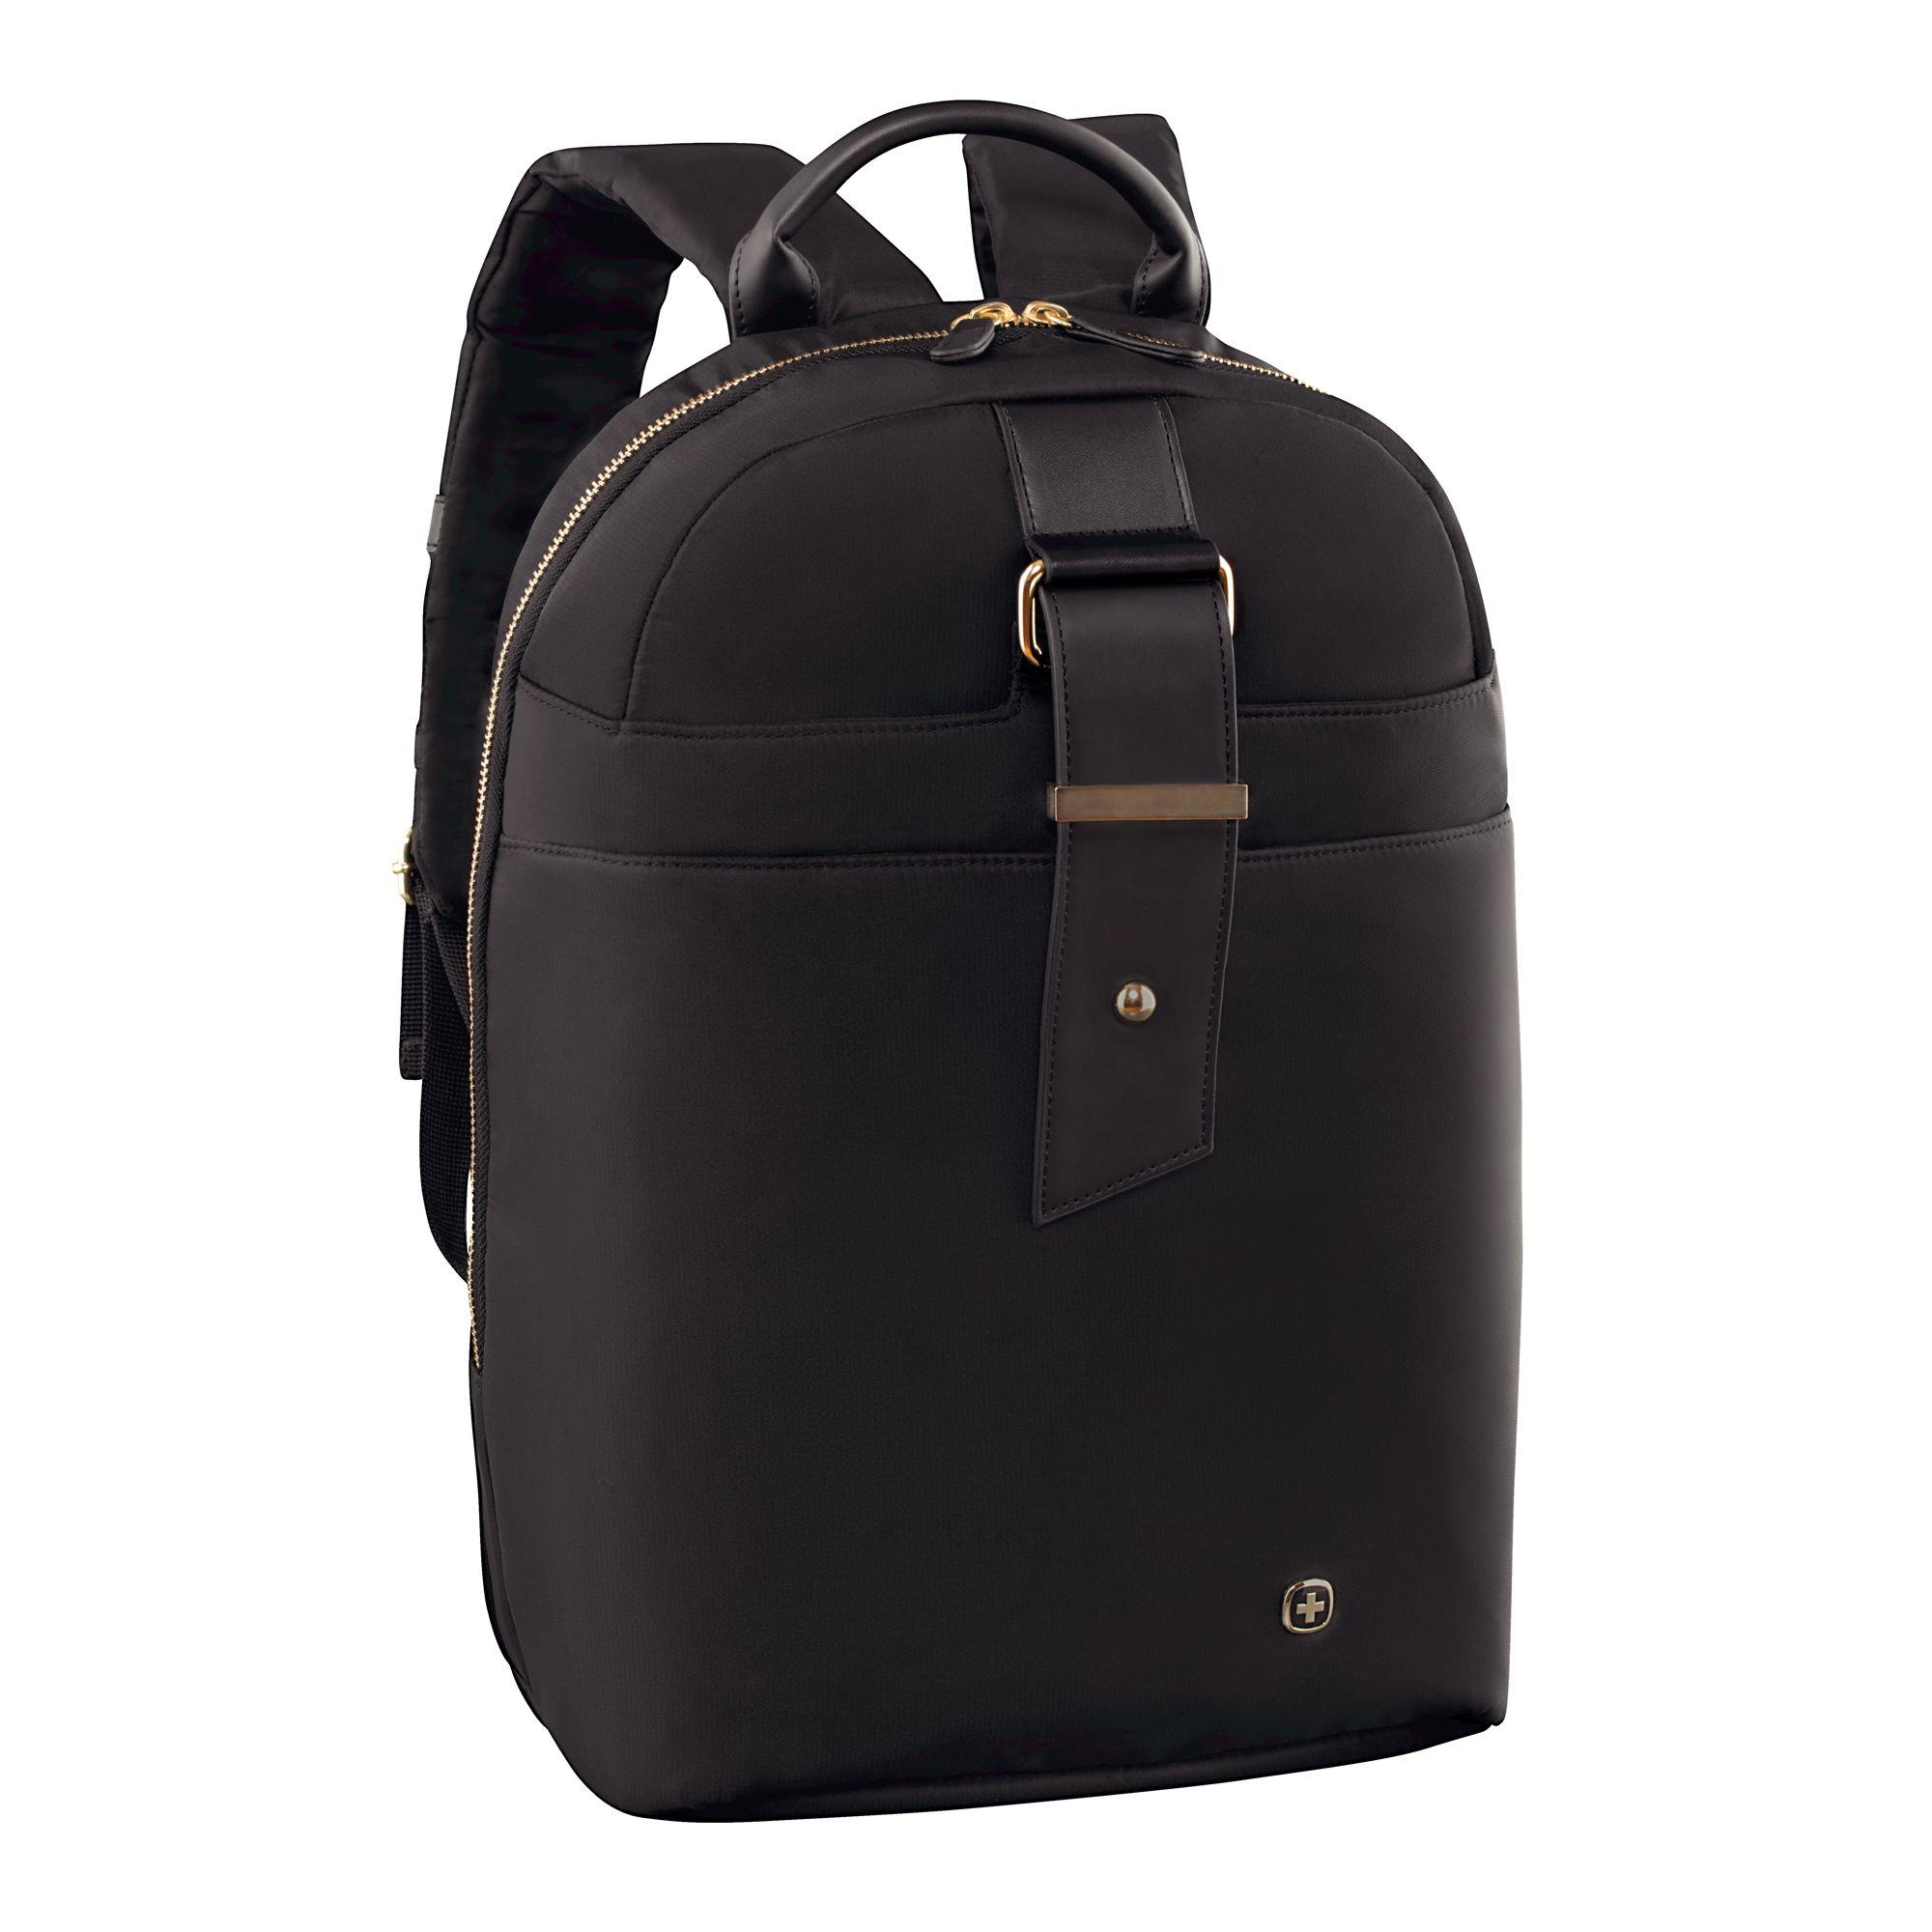 Wenger Wenger Alexa 16 Laptop Backpack with Tablet Pocket, Black